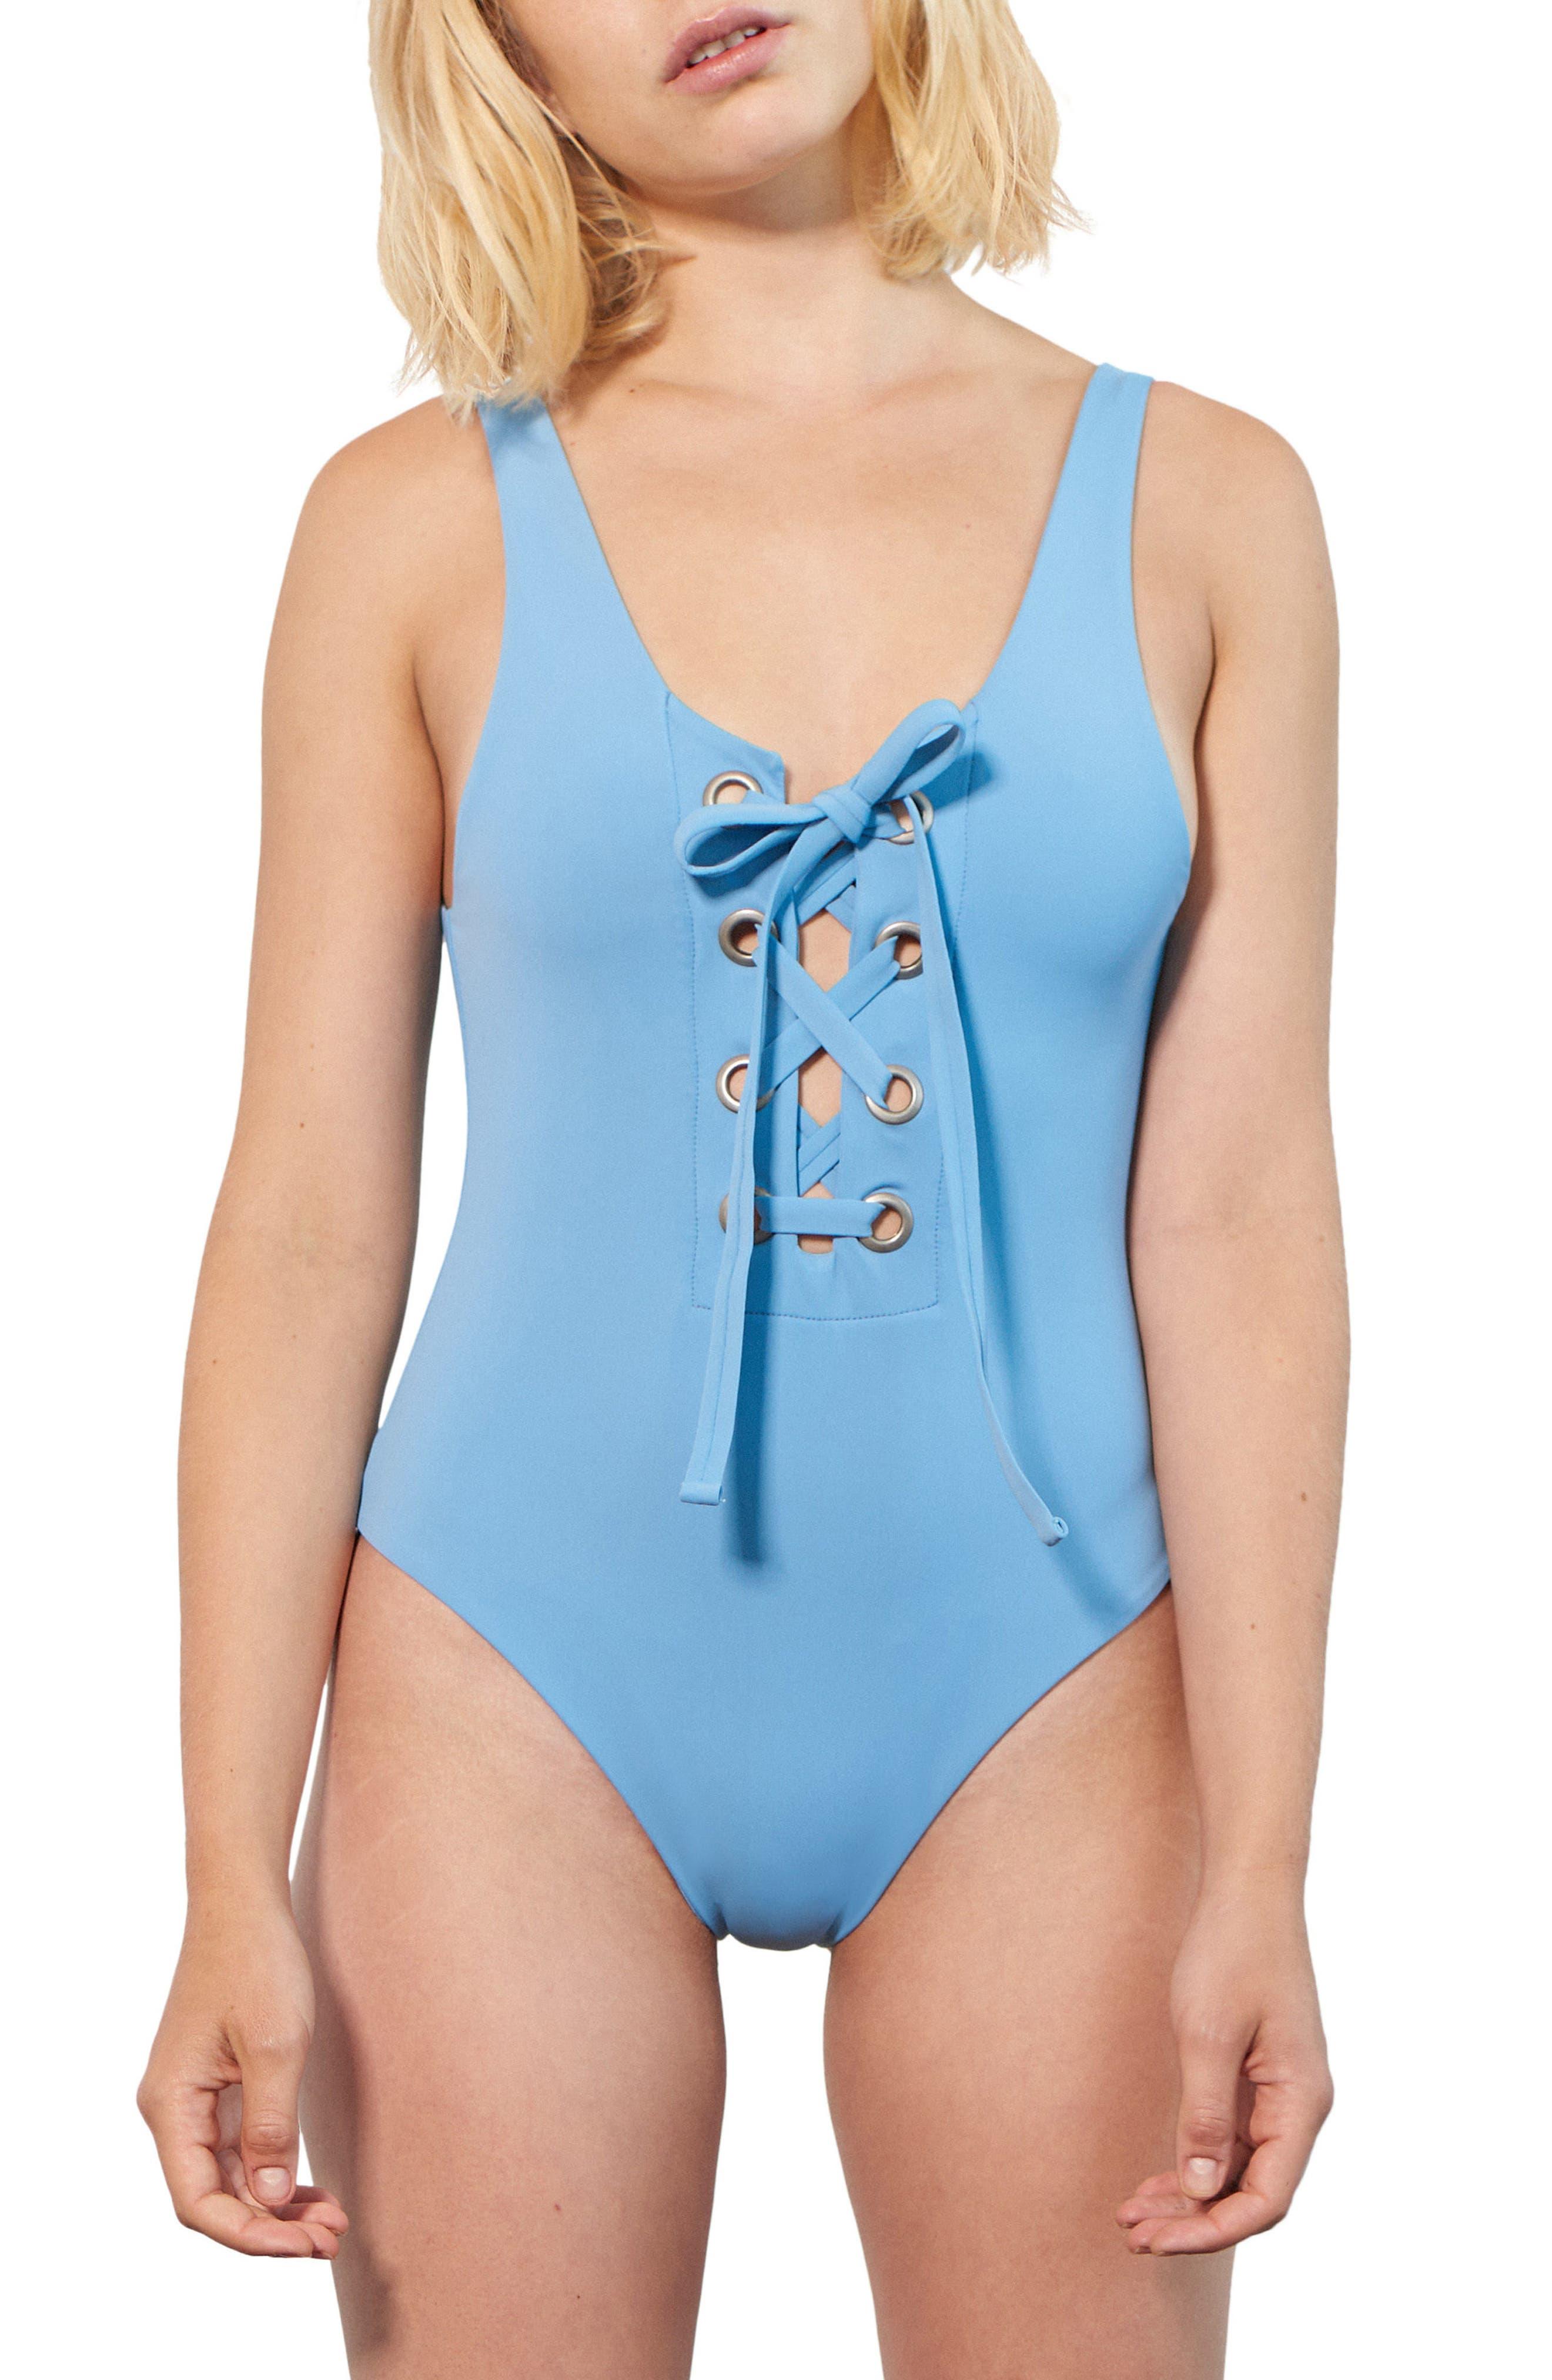 Desa One-Piece Swimsuit,                             Main thumbnail 1, color,                             Vento